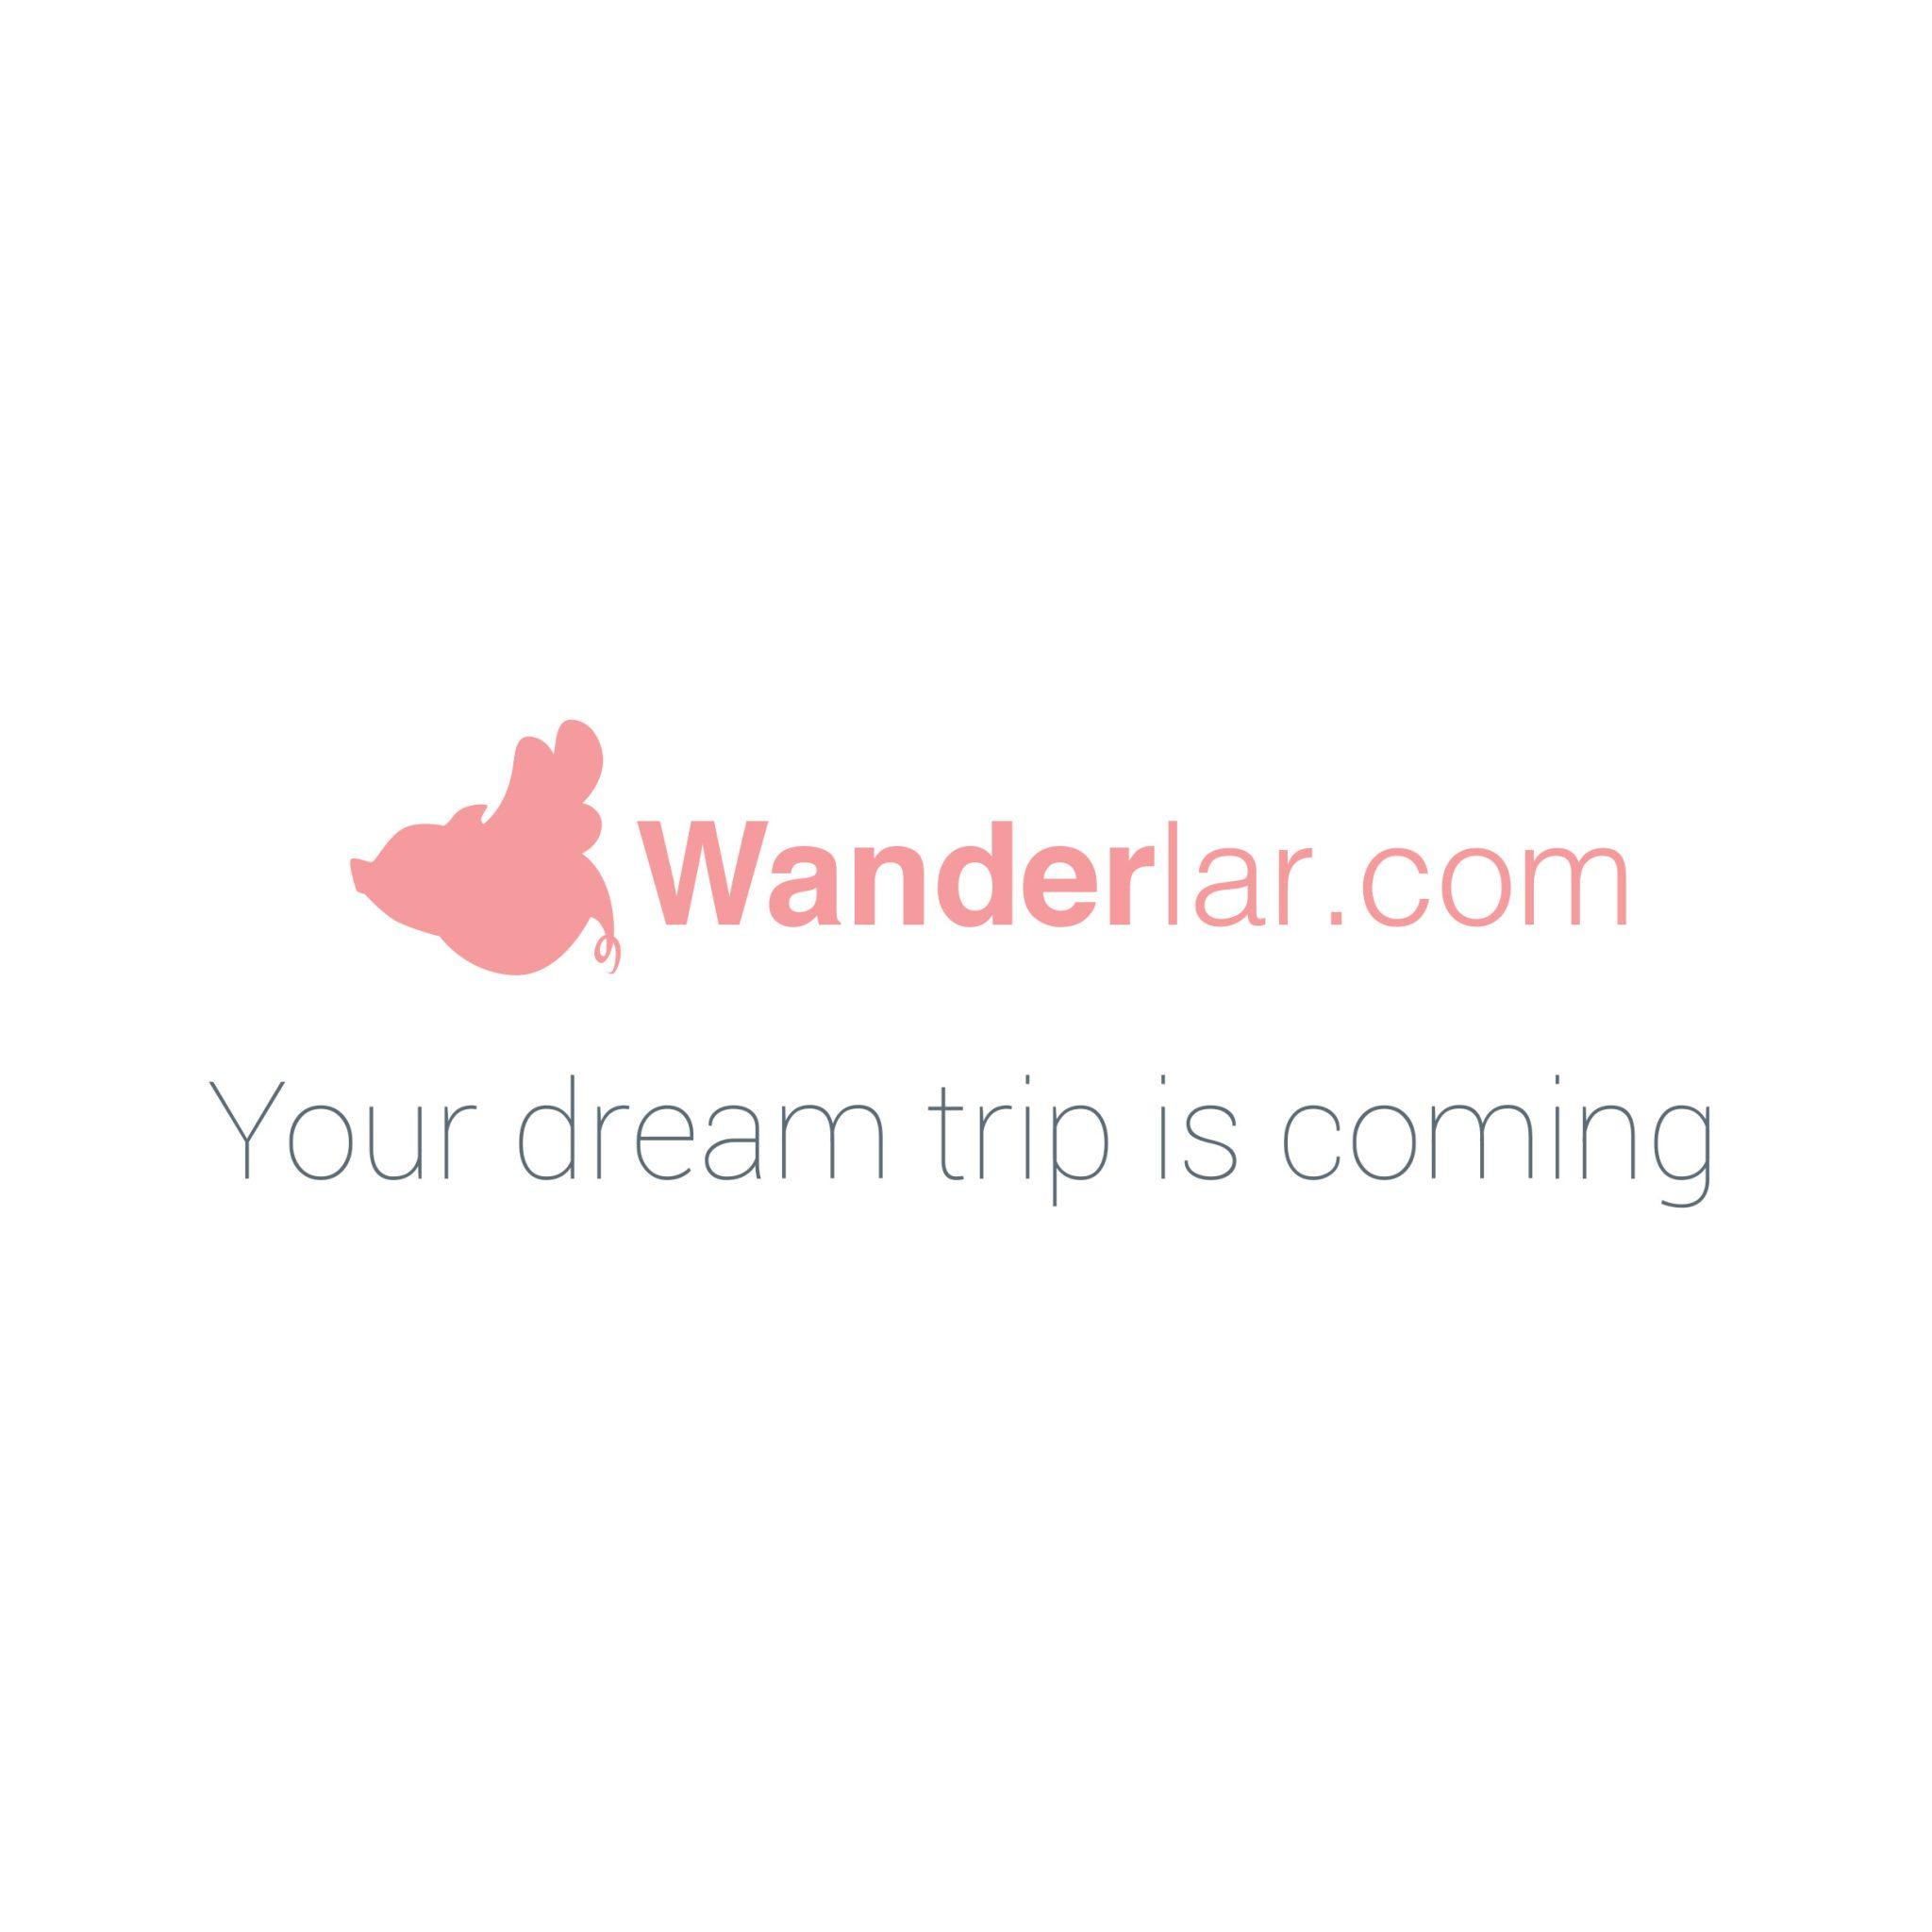 wanderlar branding logo startup fintech